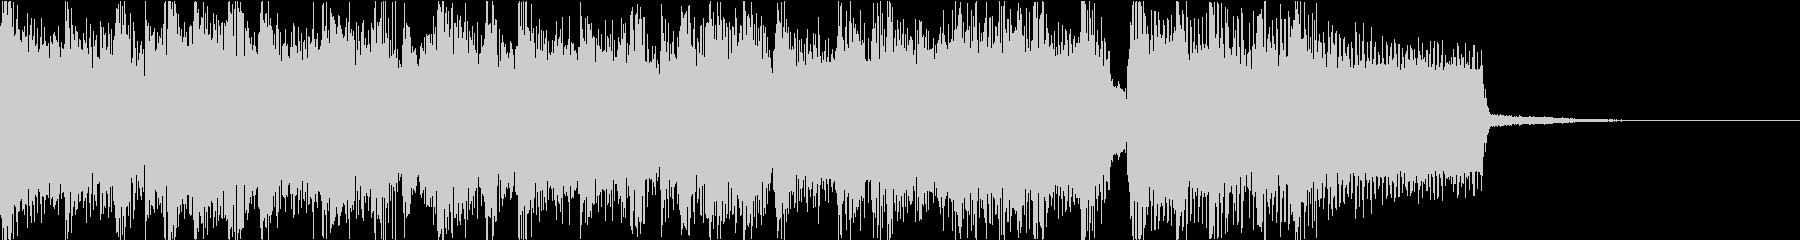 激しいゴリゴリロック♪バトル♪ジングル4の未再生の波形